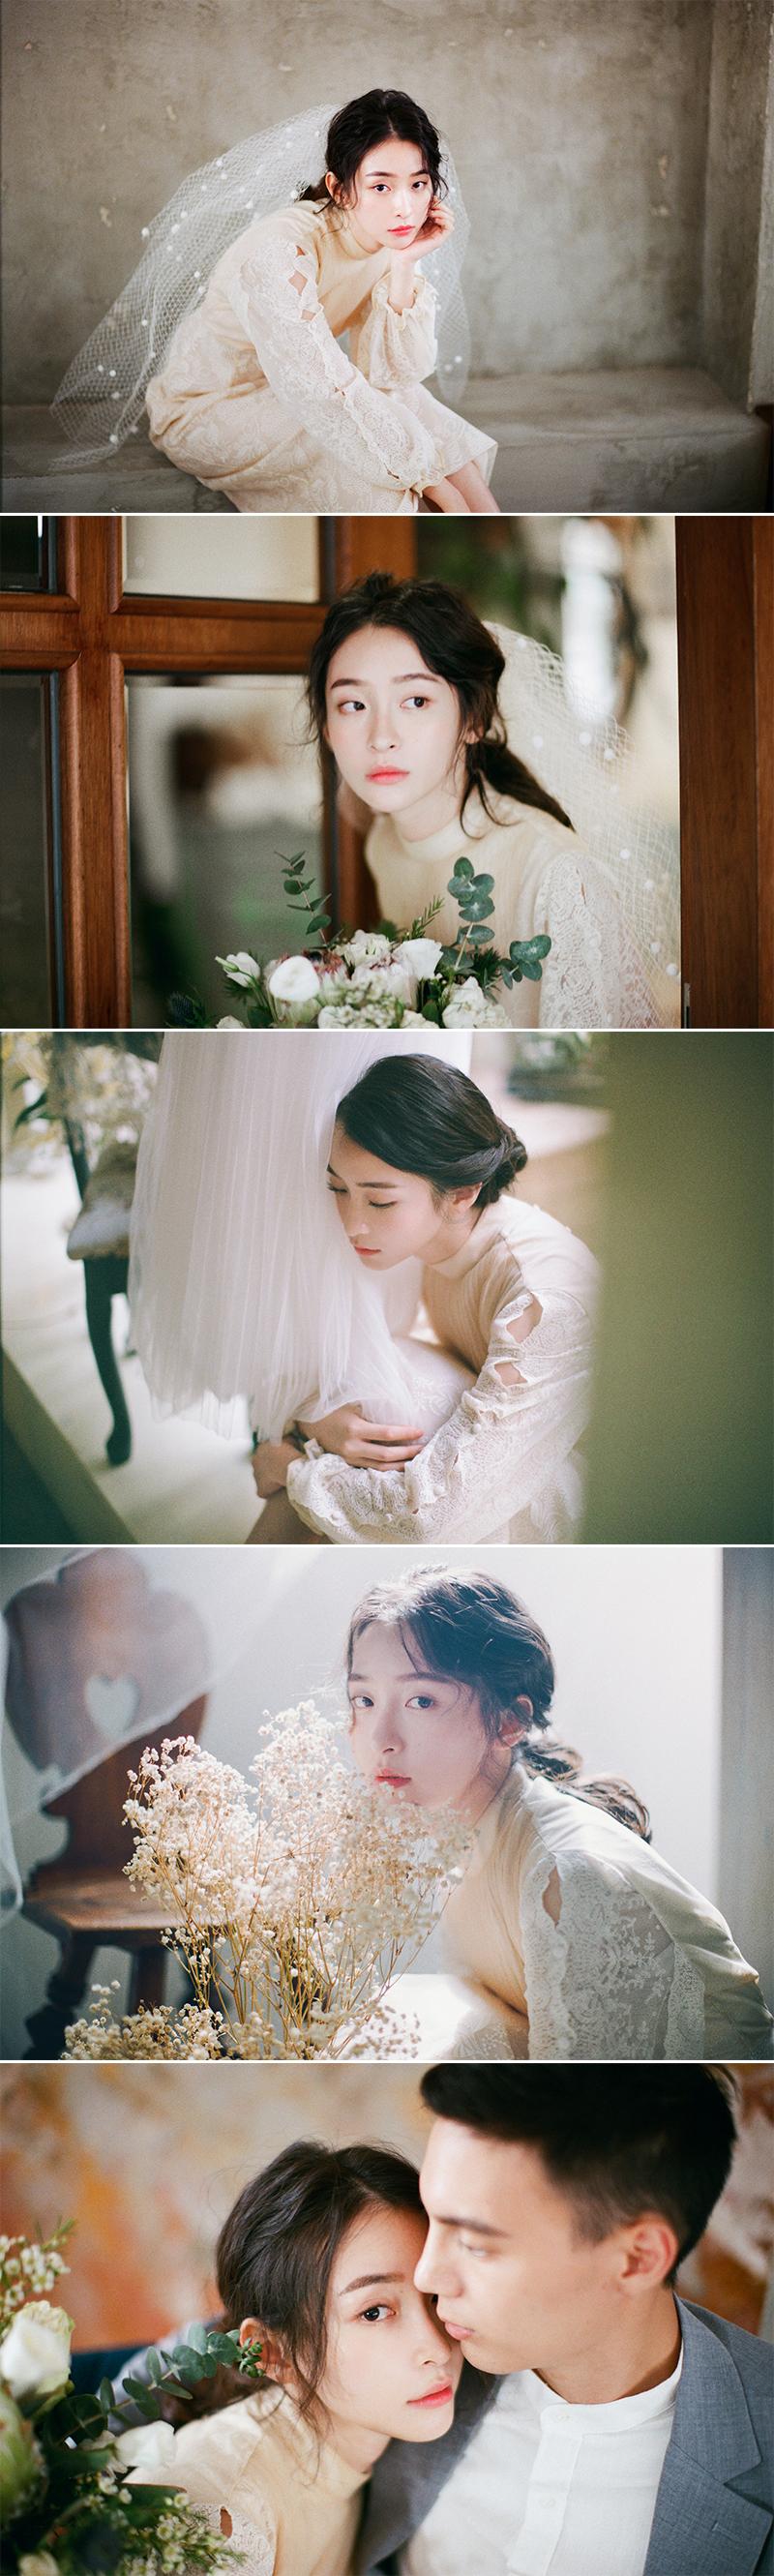 婚禮婚紗底片攝影師